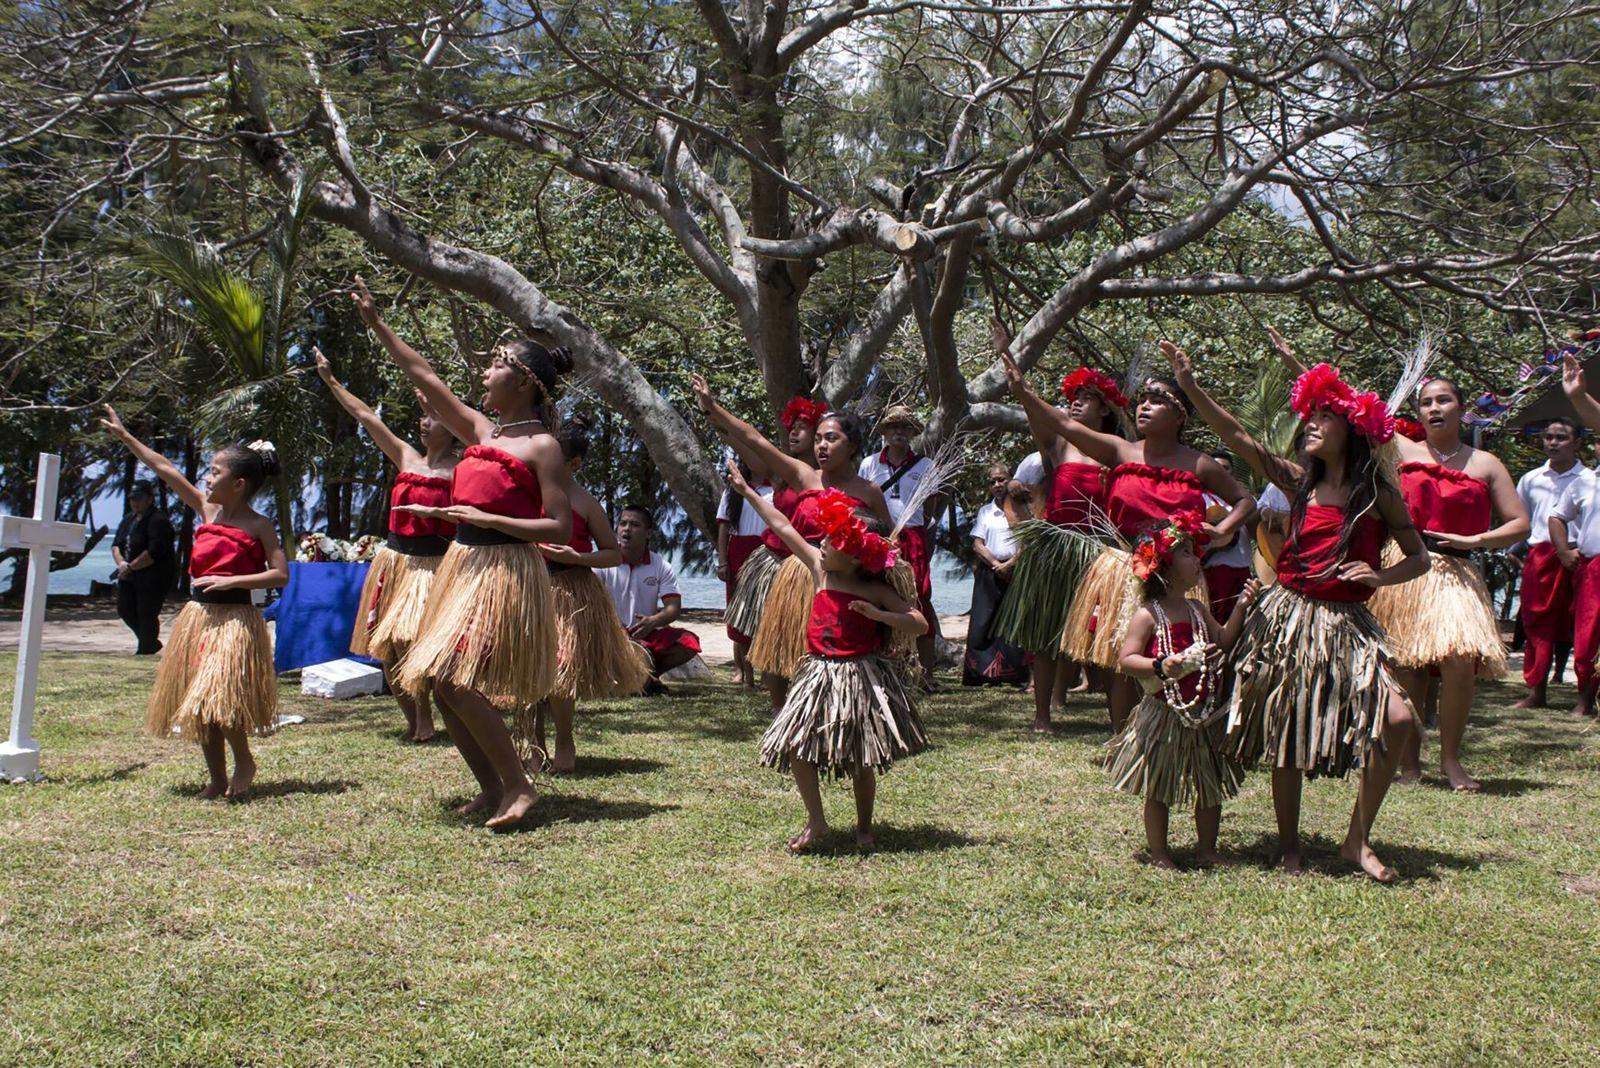 Guam, EUA | Em Guam, grupo de dança chamorro local faz um ritual de proteção no ...